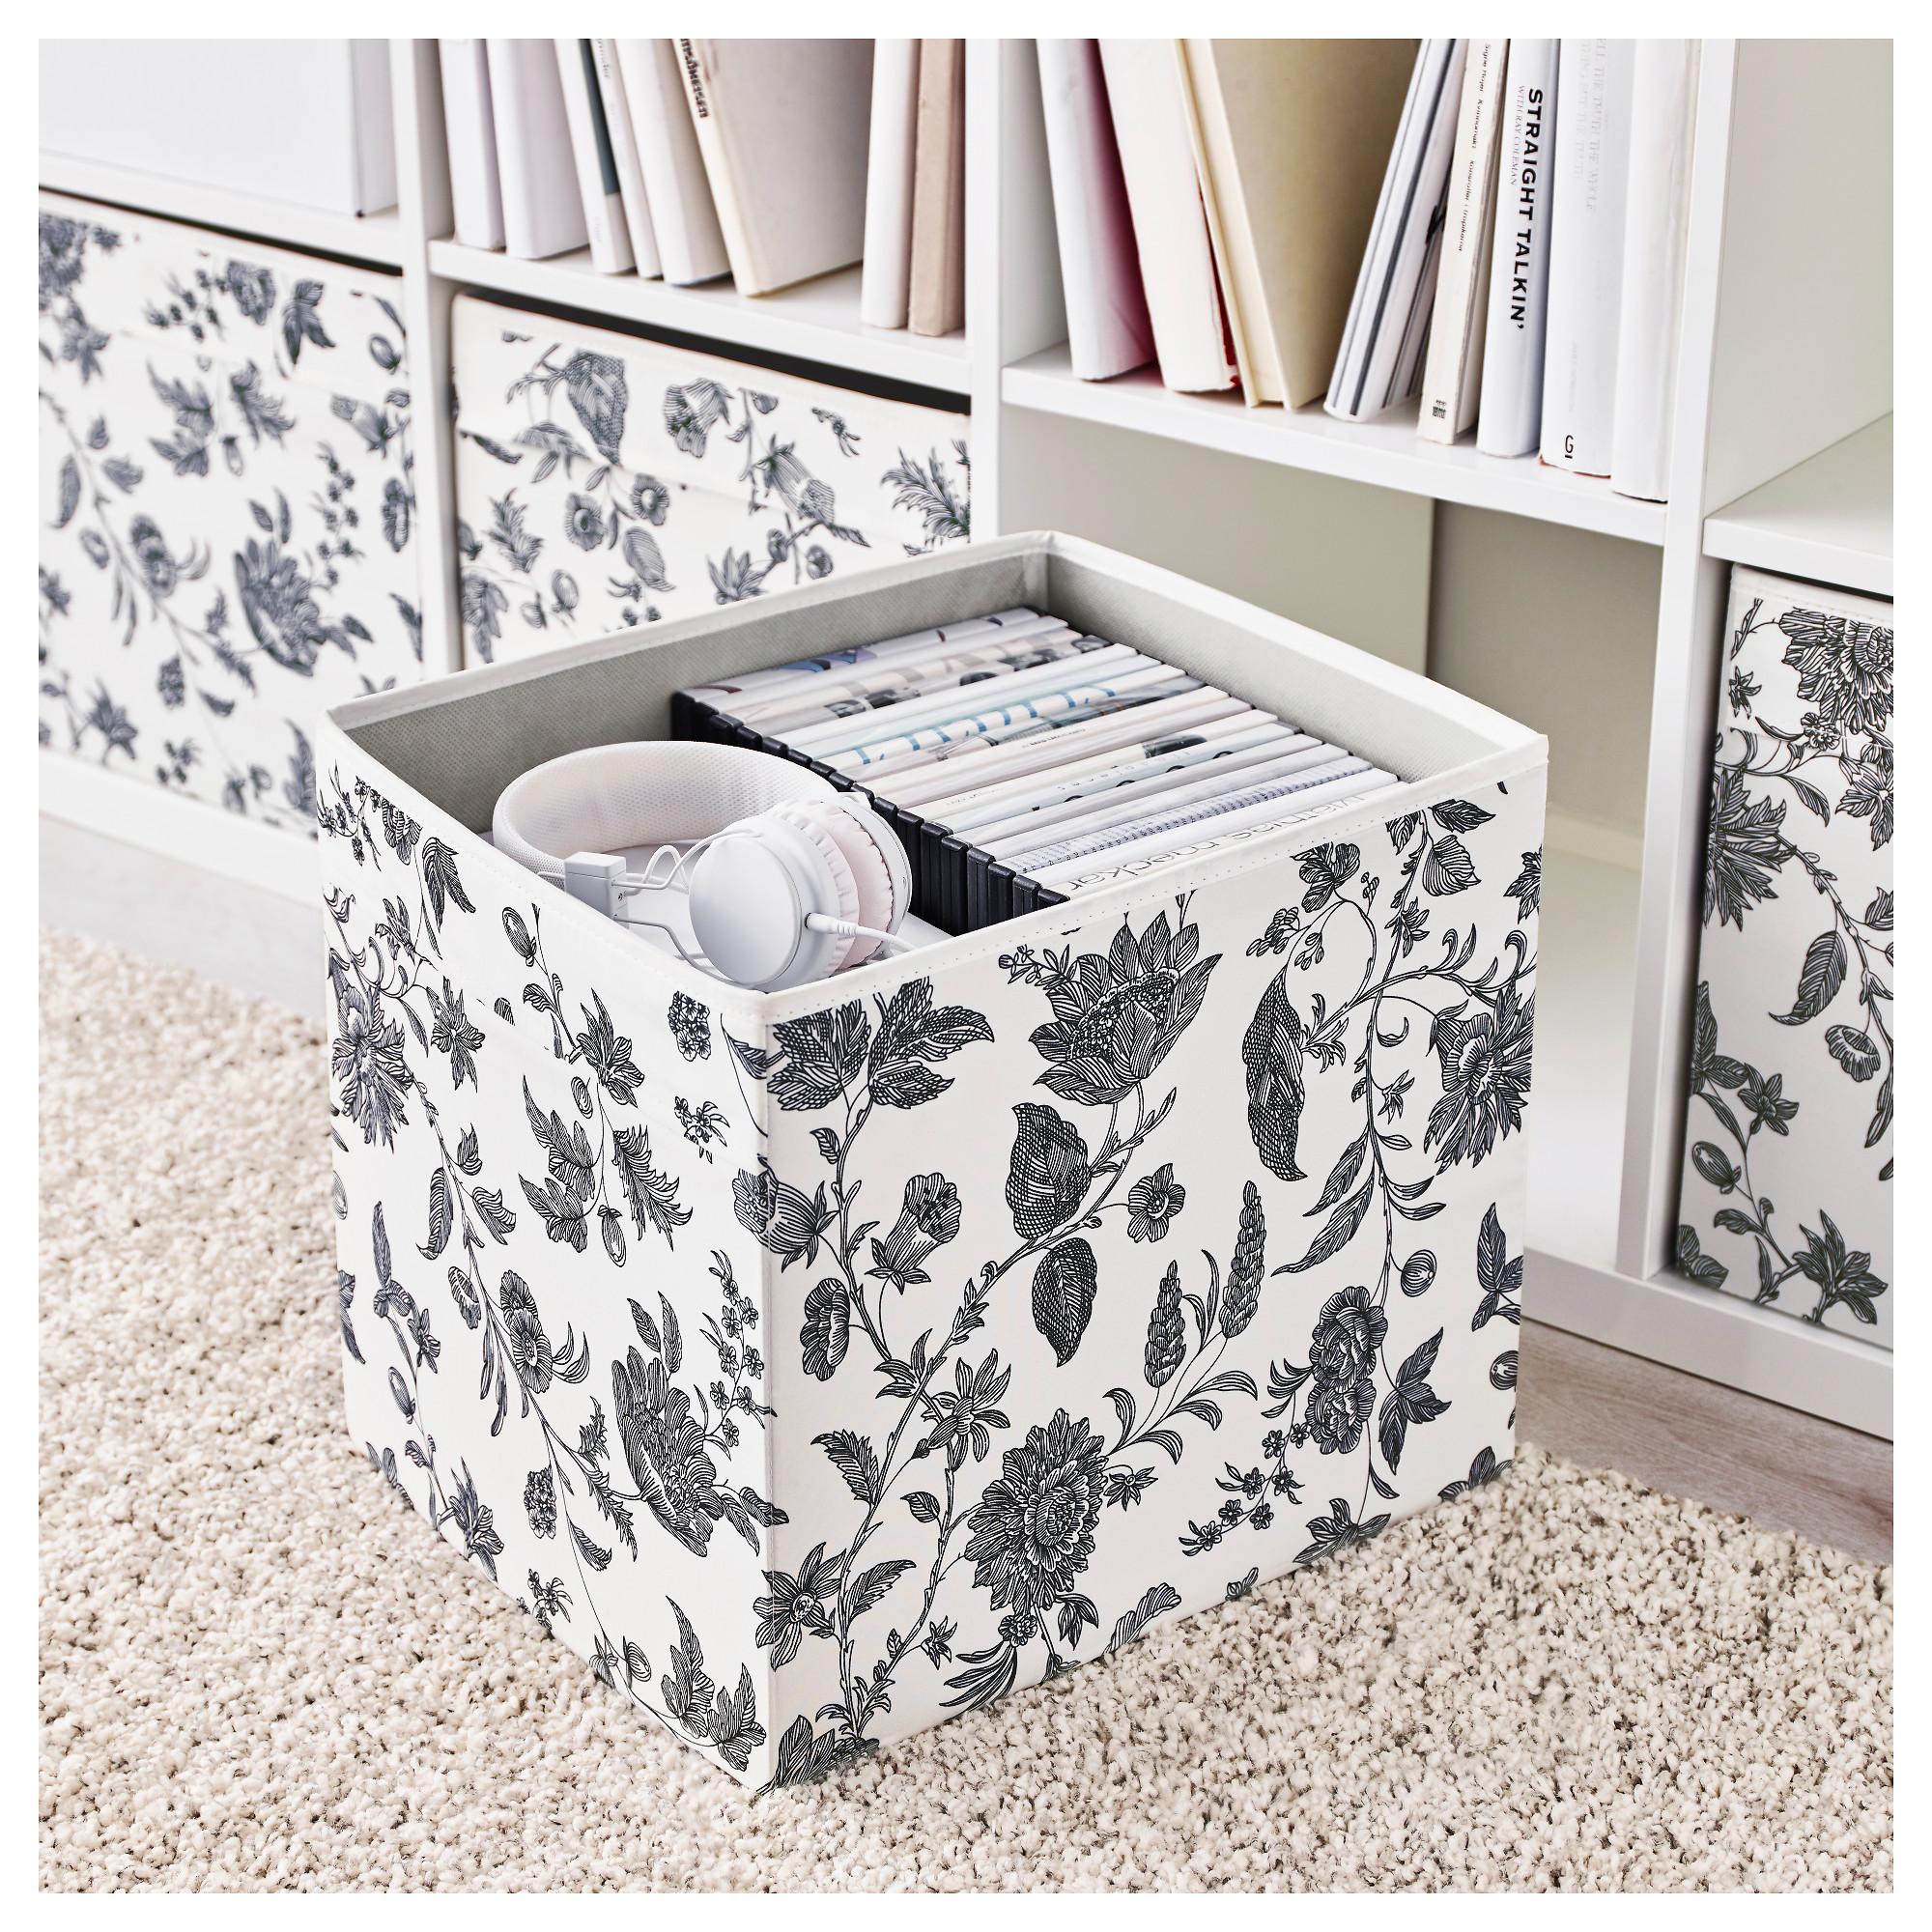 ikea dr na gebl mt schwarz wei fach box expedit kallax aufbewahrungsbox 4 st ck ebay. Black Bedroom Furniture Sets. Home Design Ideas